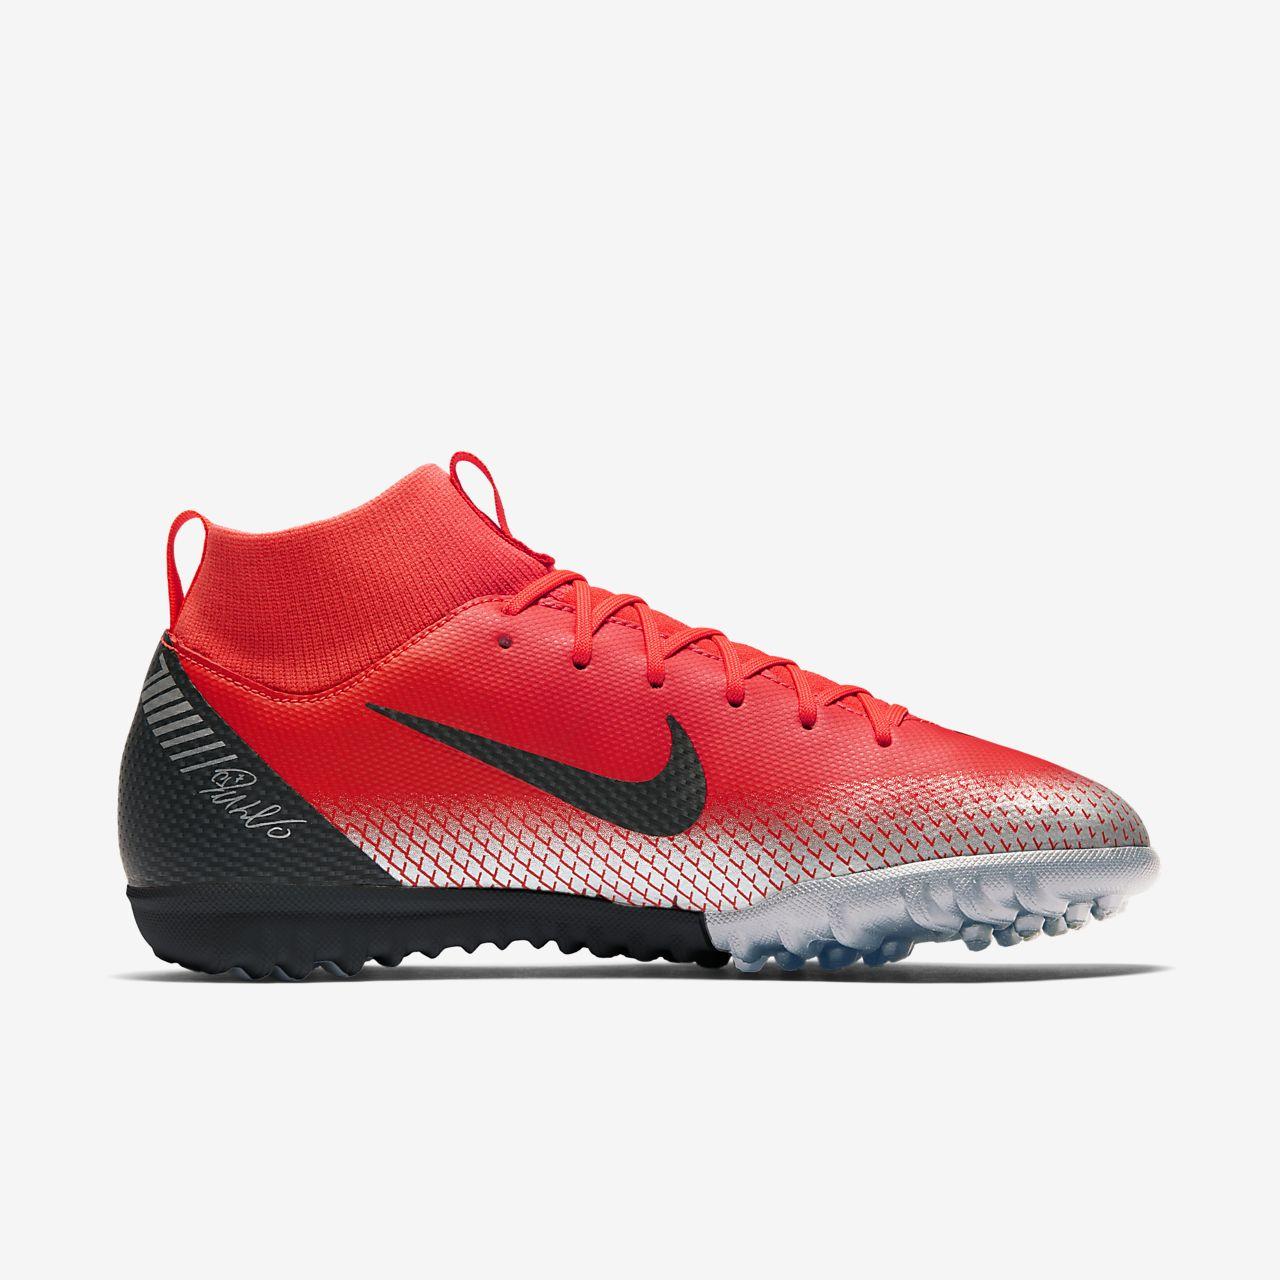 Fotbollssko för grusturf Nike Jr. SuperflyX 6 Academy LVL UP TF för barnungdom